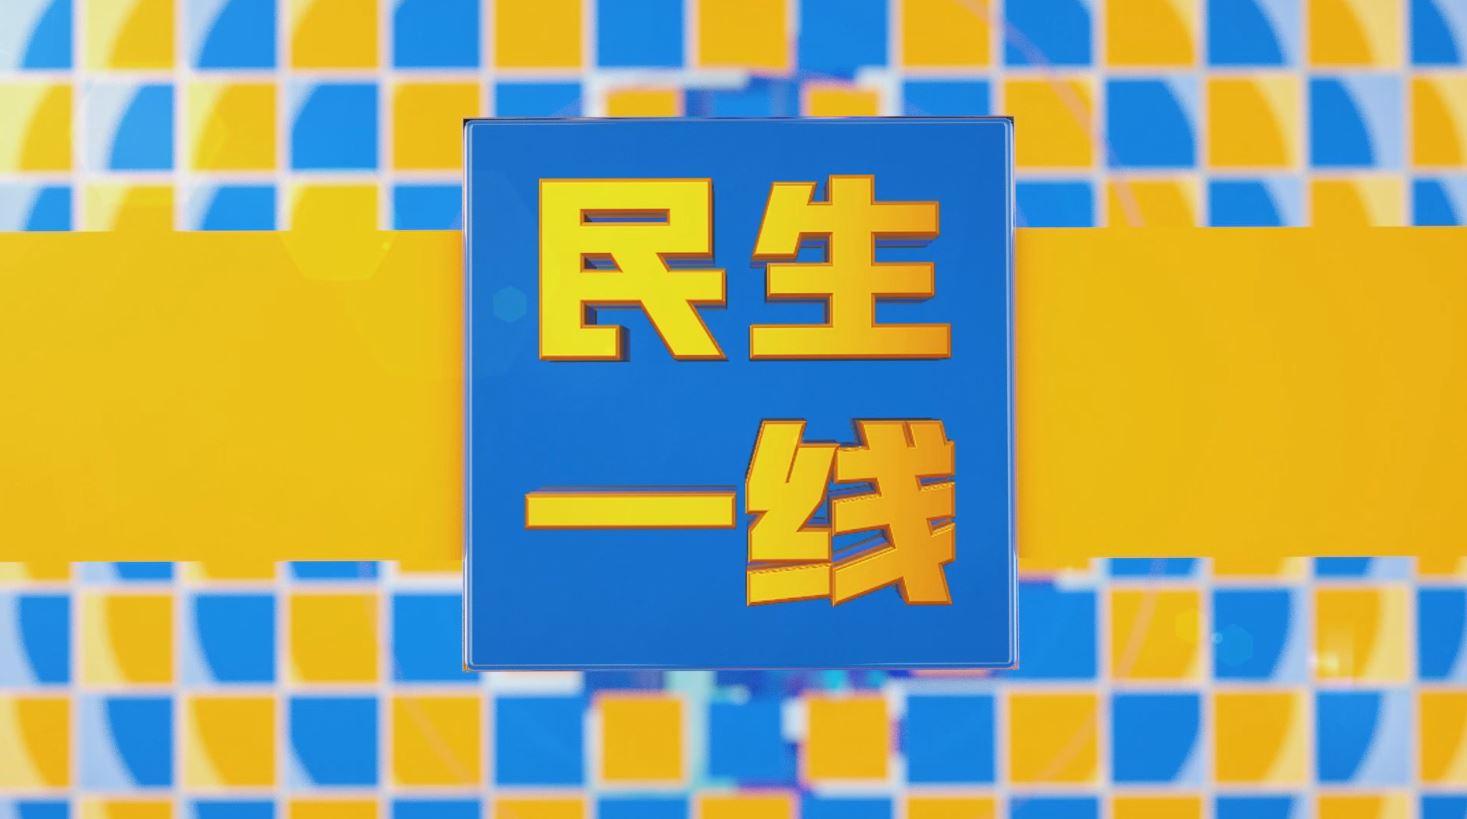 【民生一线】逆袭!榆林社会信用稳居全国第一方阵